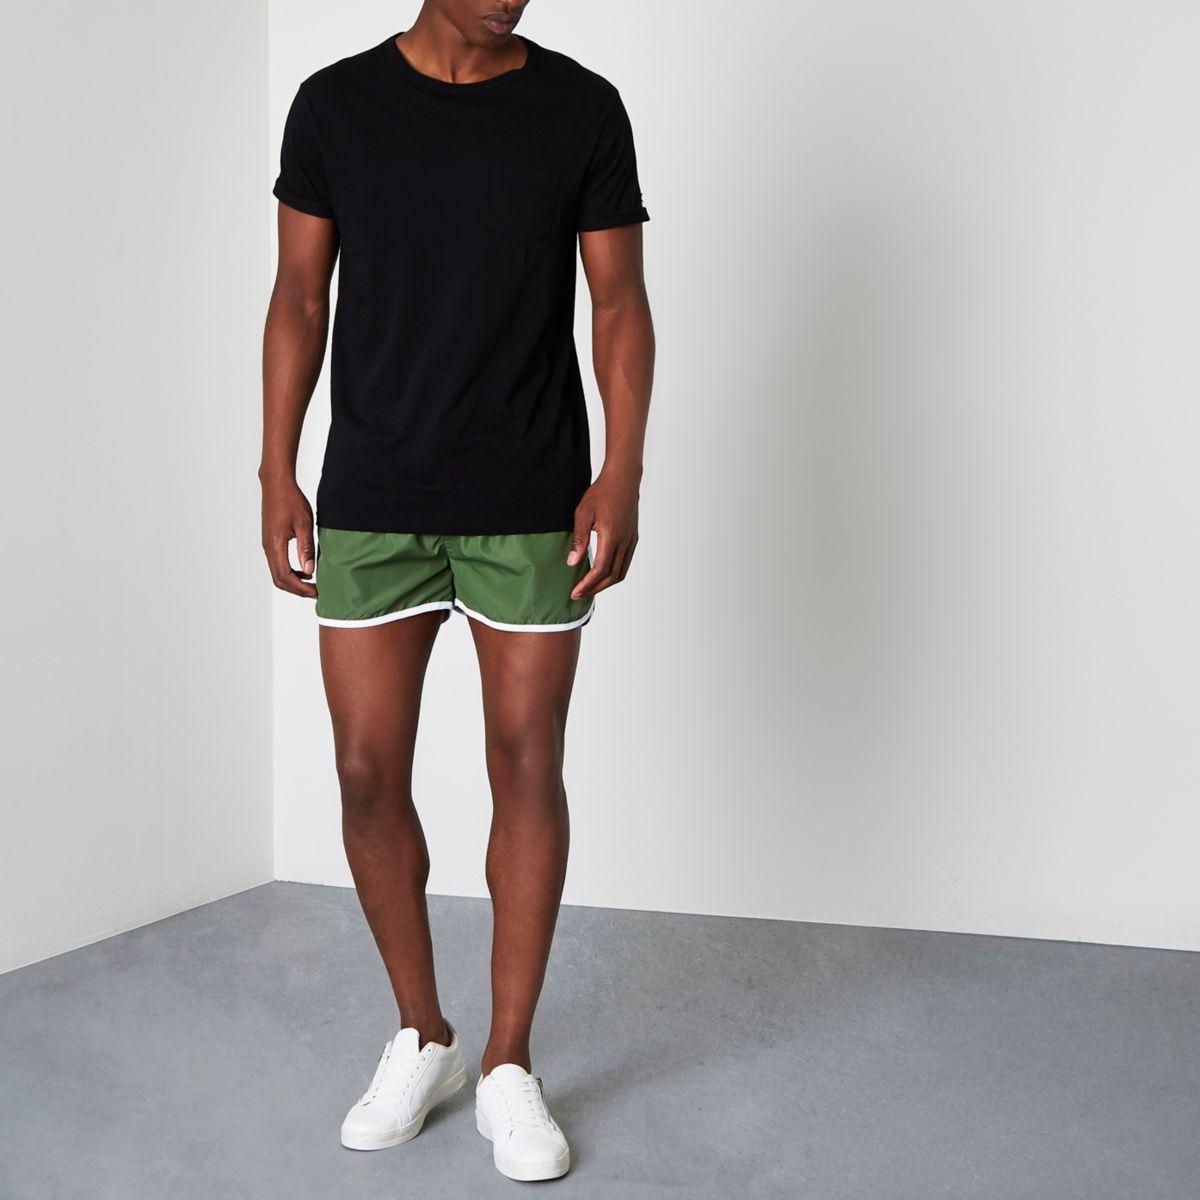 Green runner short swim shorts